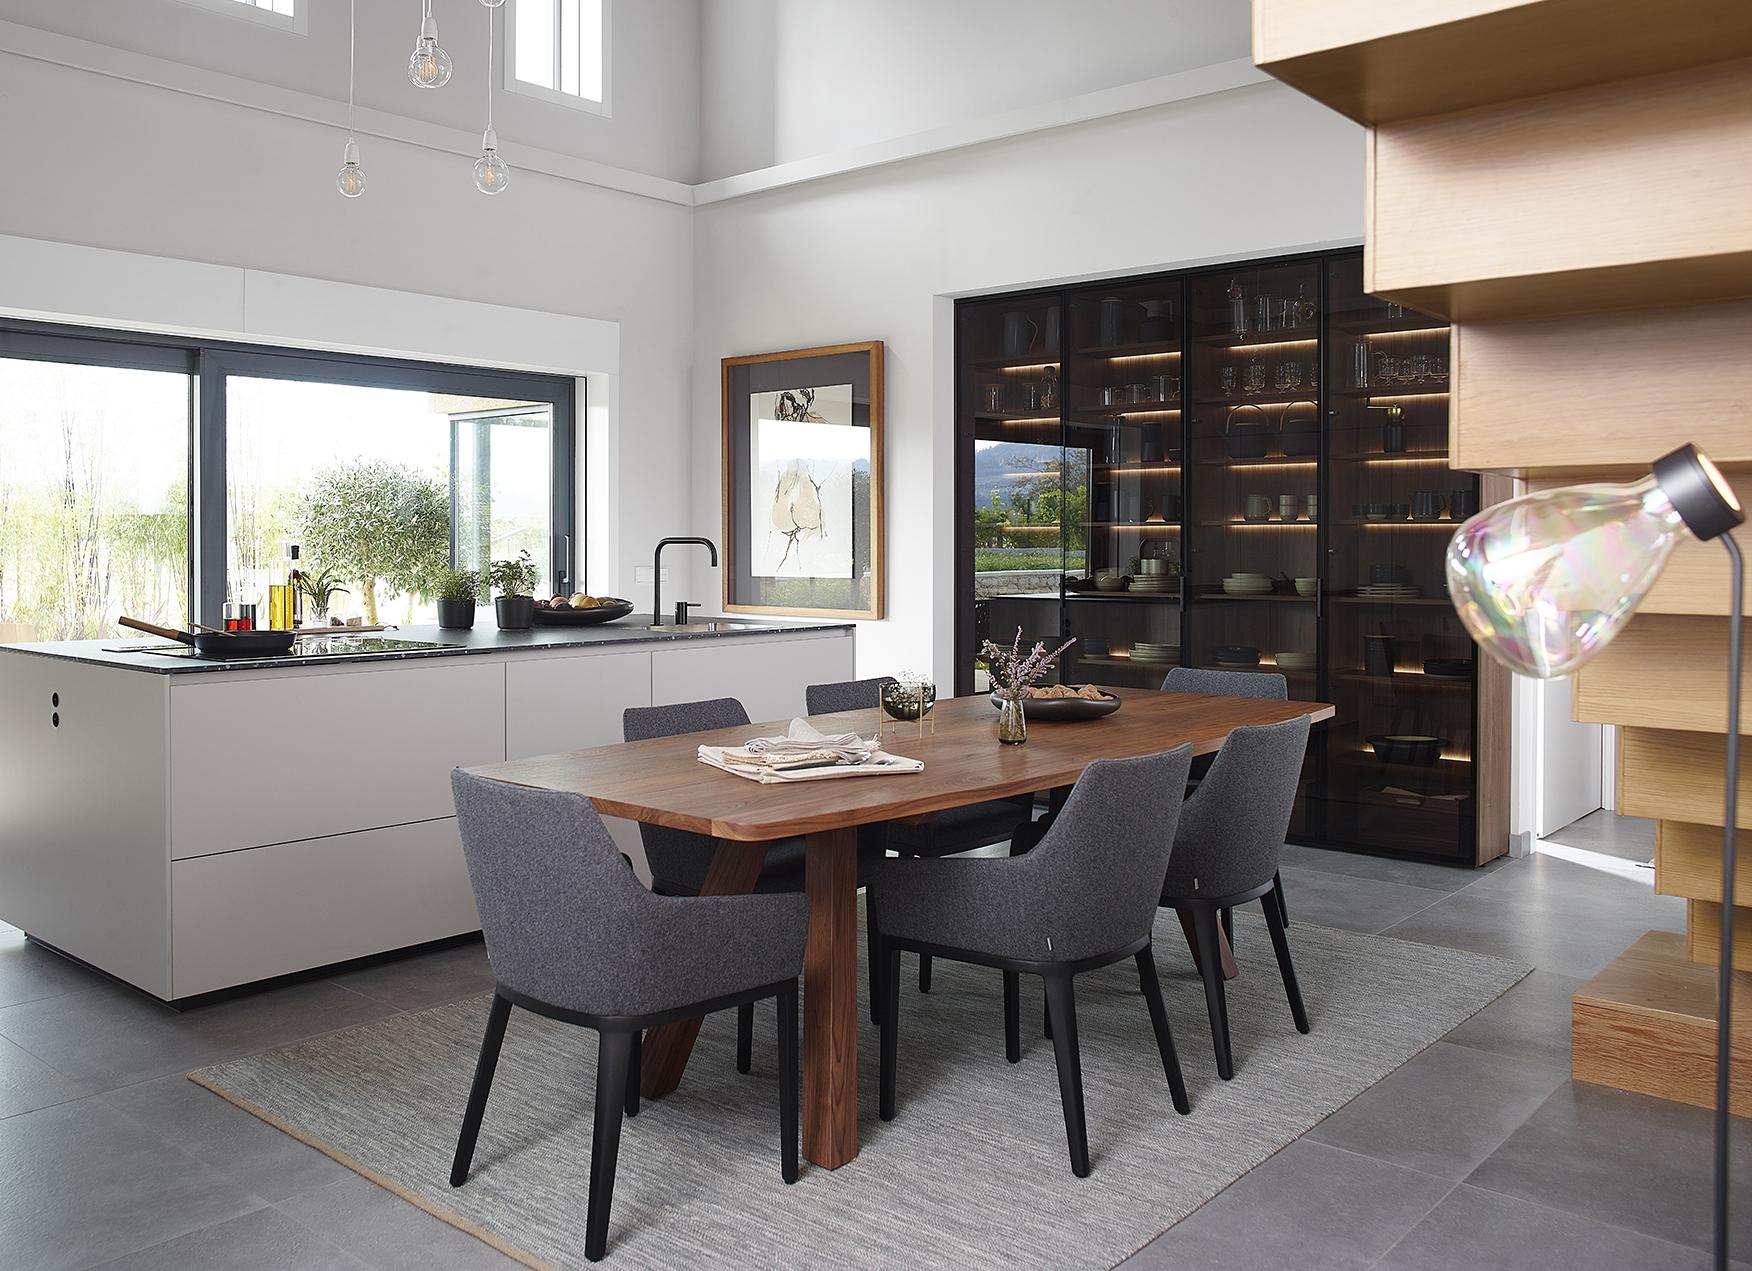 Cocina con isla, mesa y vitrina Santos